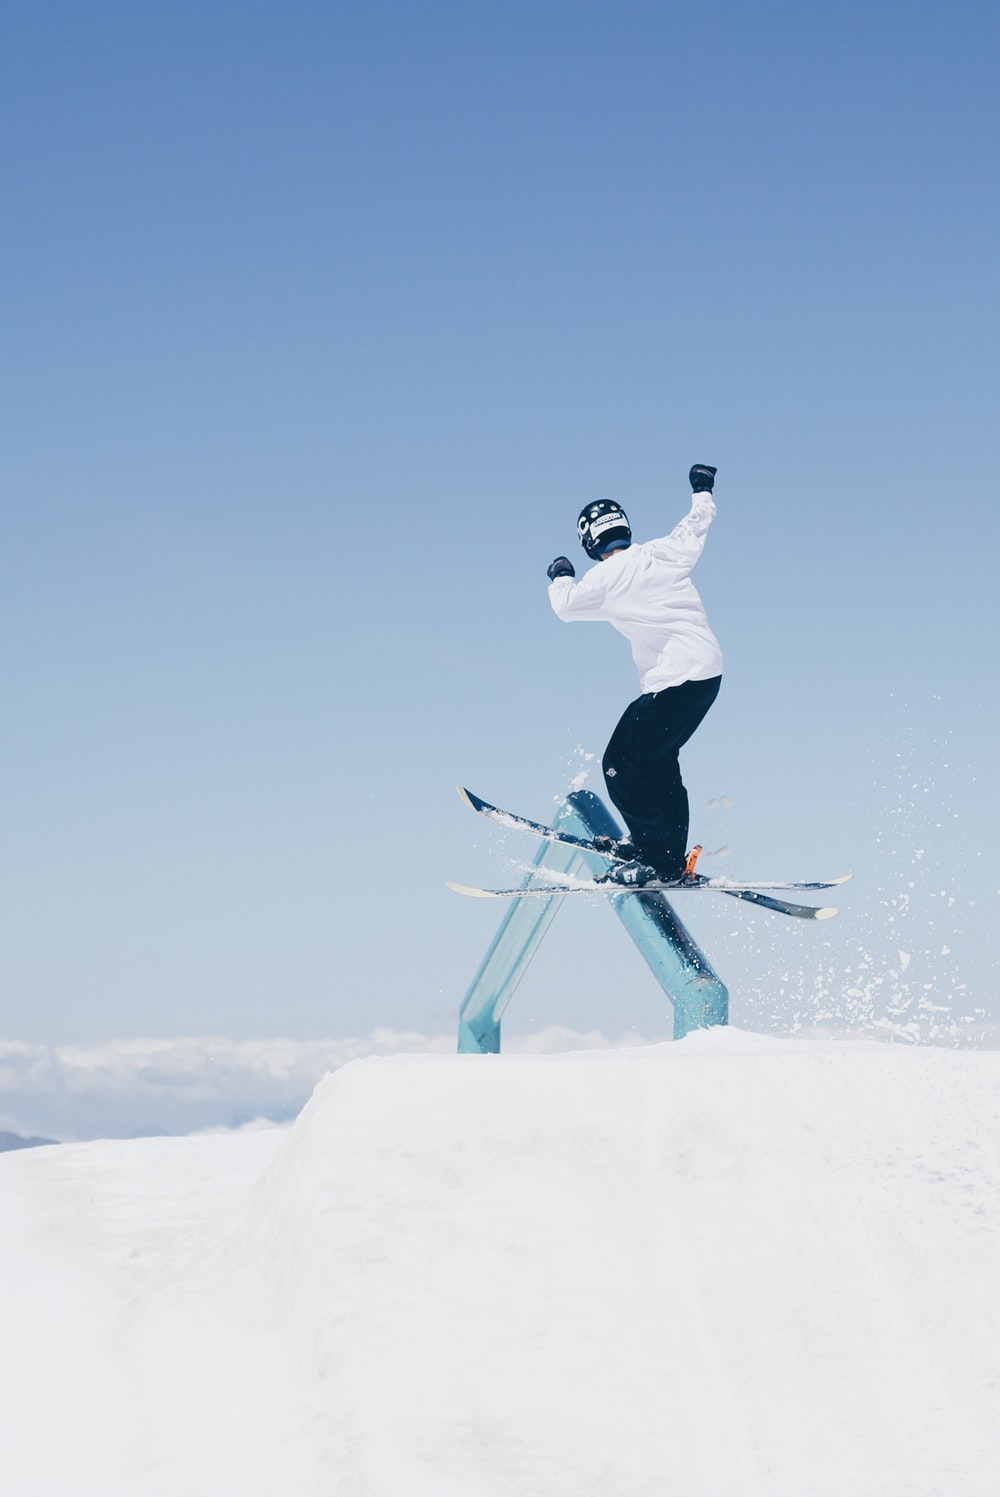 man doing tricks on skis